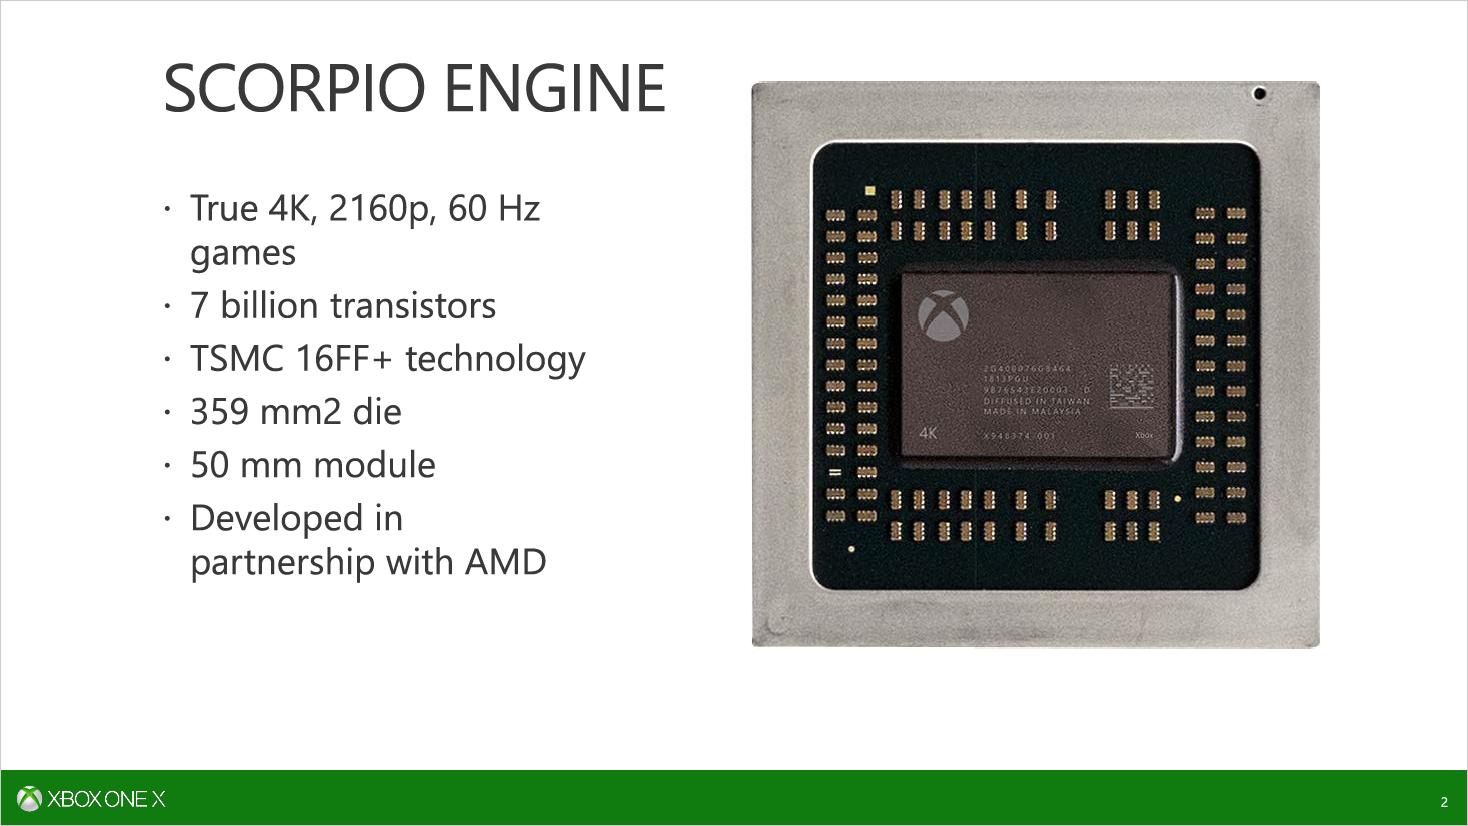 Scorpio Engine: Microsoft erläutert SoC der Xbox One X - Das SoC wird bei TSMC gefertigt. (Bild: Microsoft)